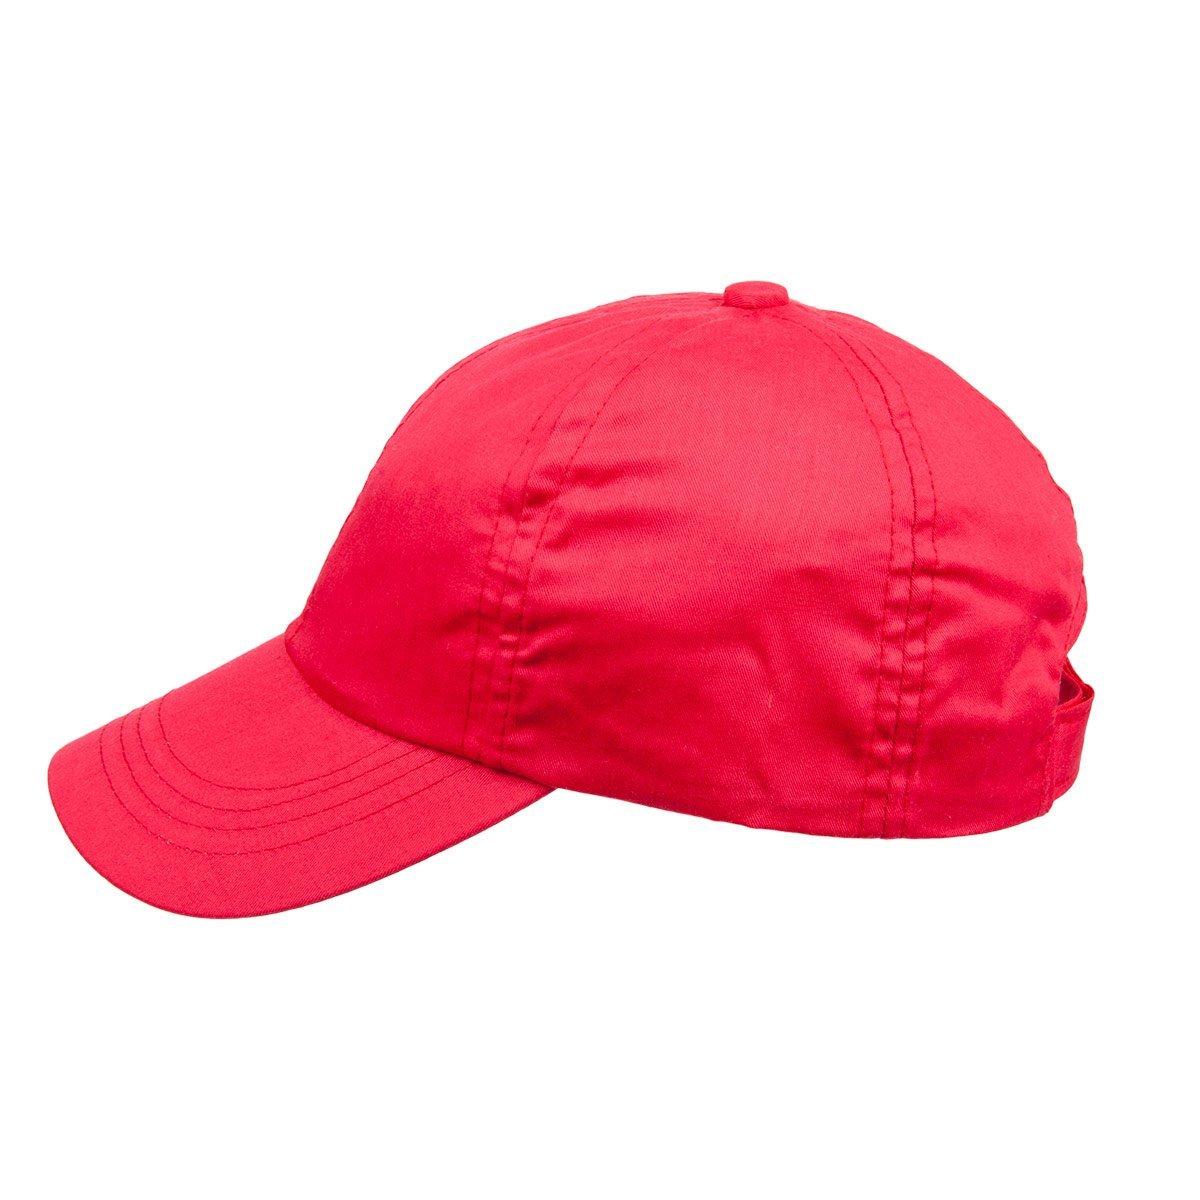 264b3ee876 berretto visiera baseball bambini con protezione solare, EUR 18,90 ...